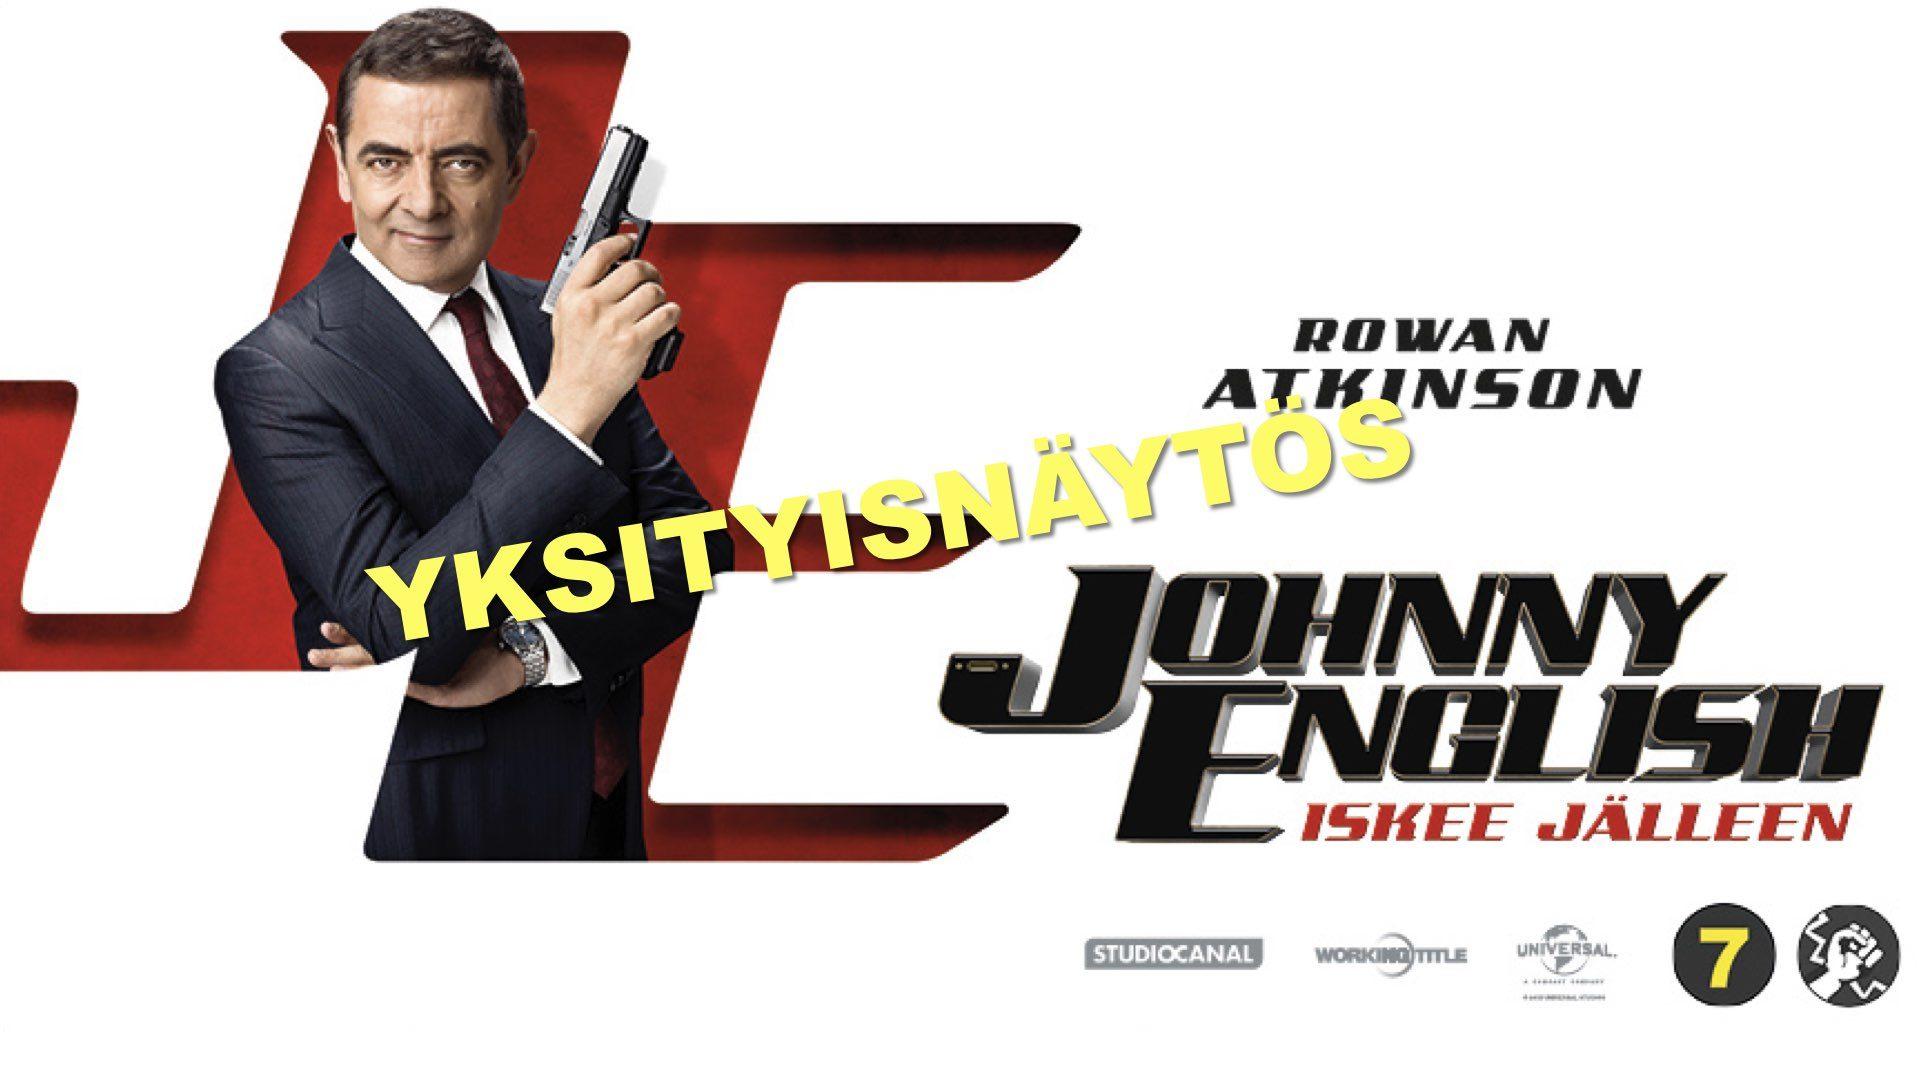 YKSITYISNÄYTÖS: Johnny English iskee jälleen